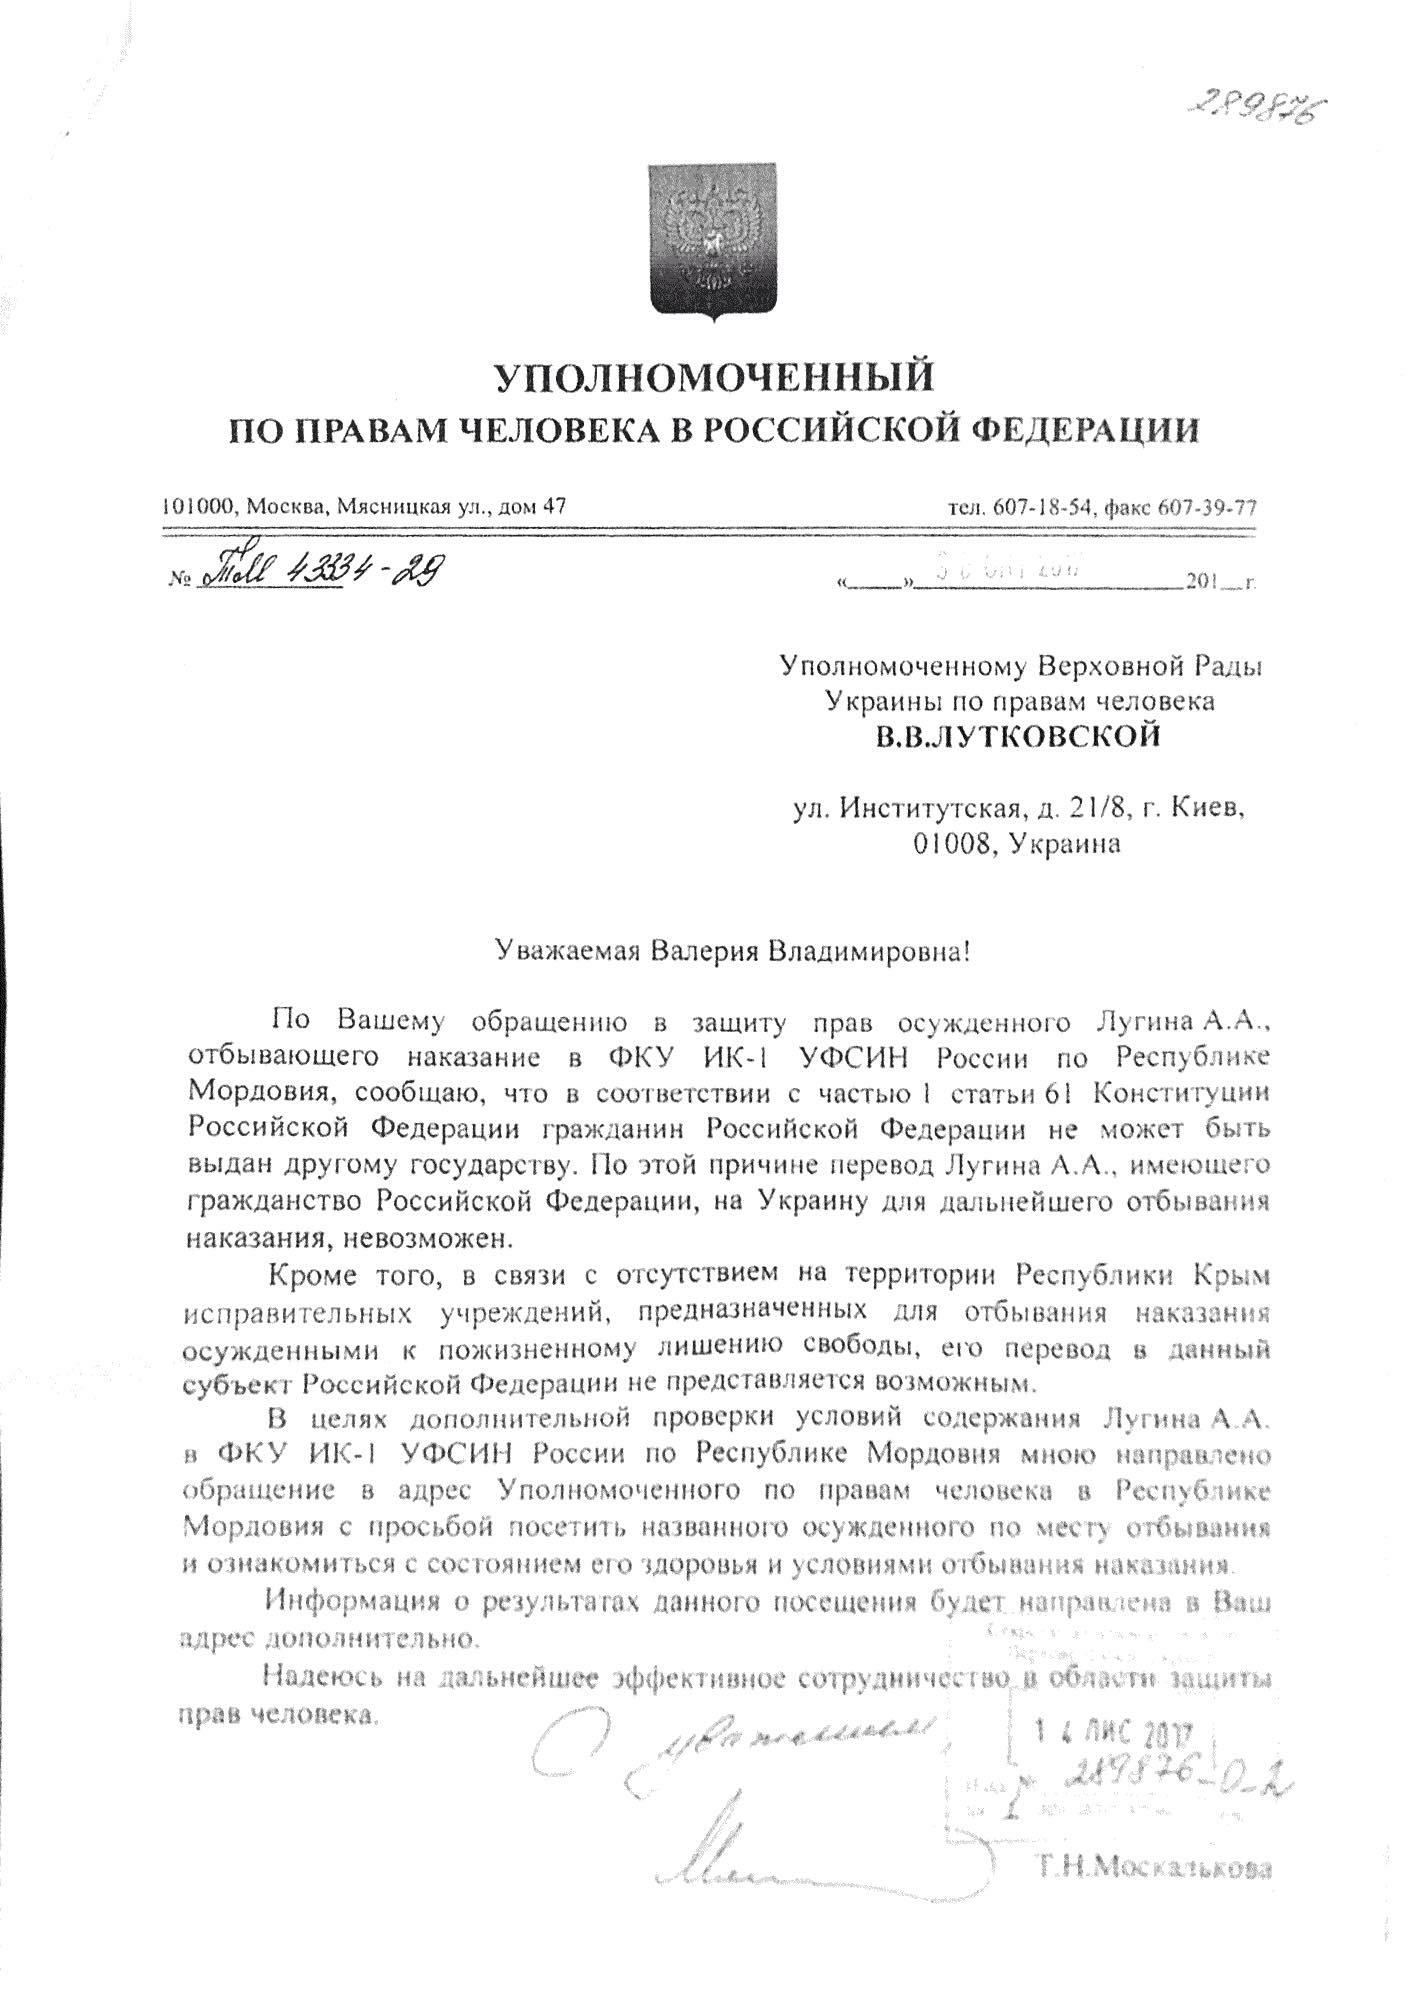 Заключенных, вывезенных из Крыма в РФ, незаконно признают российскими гражданами